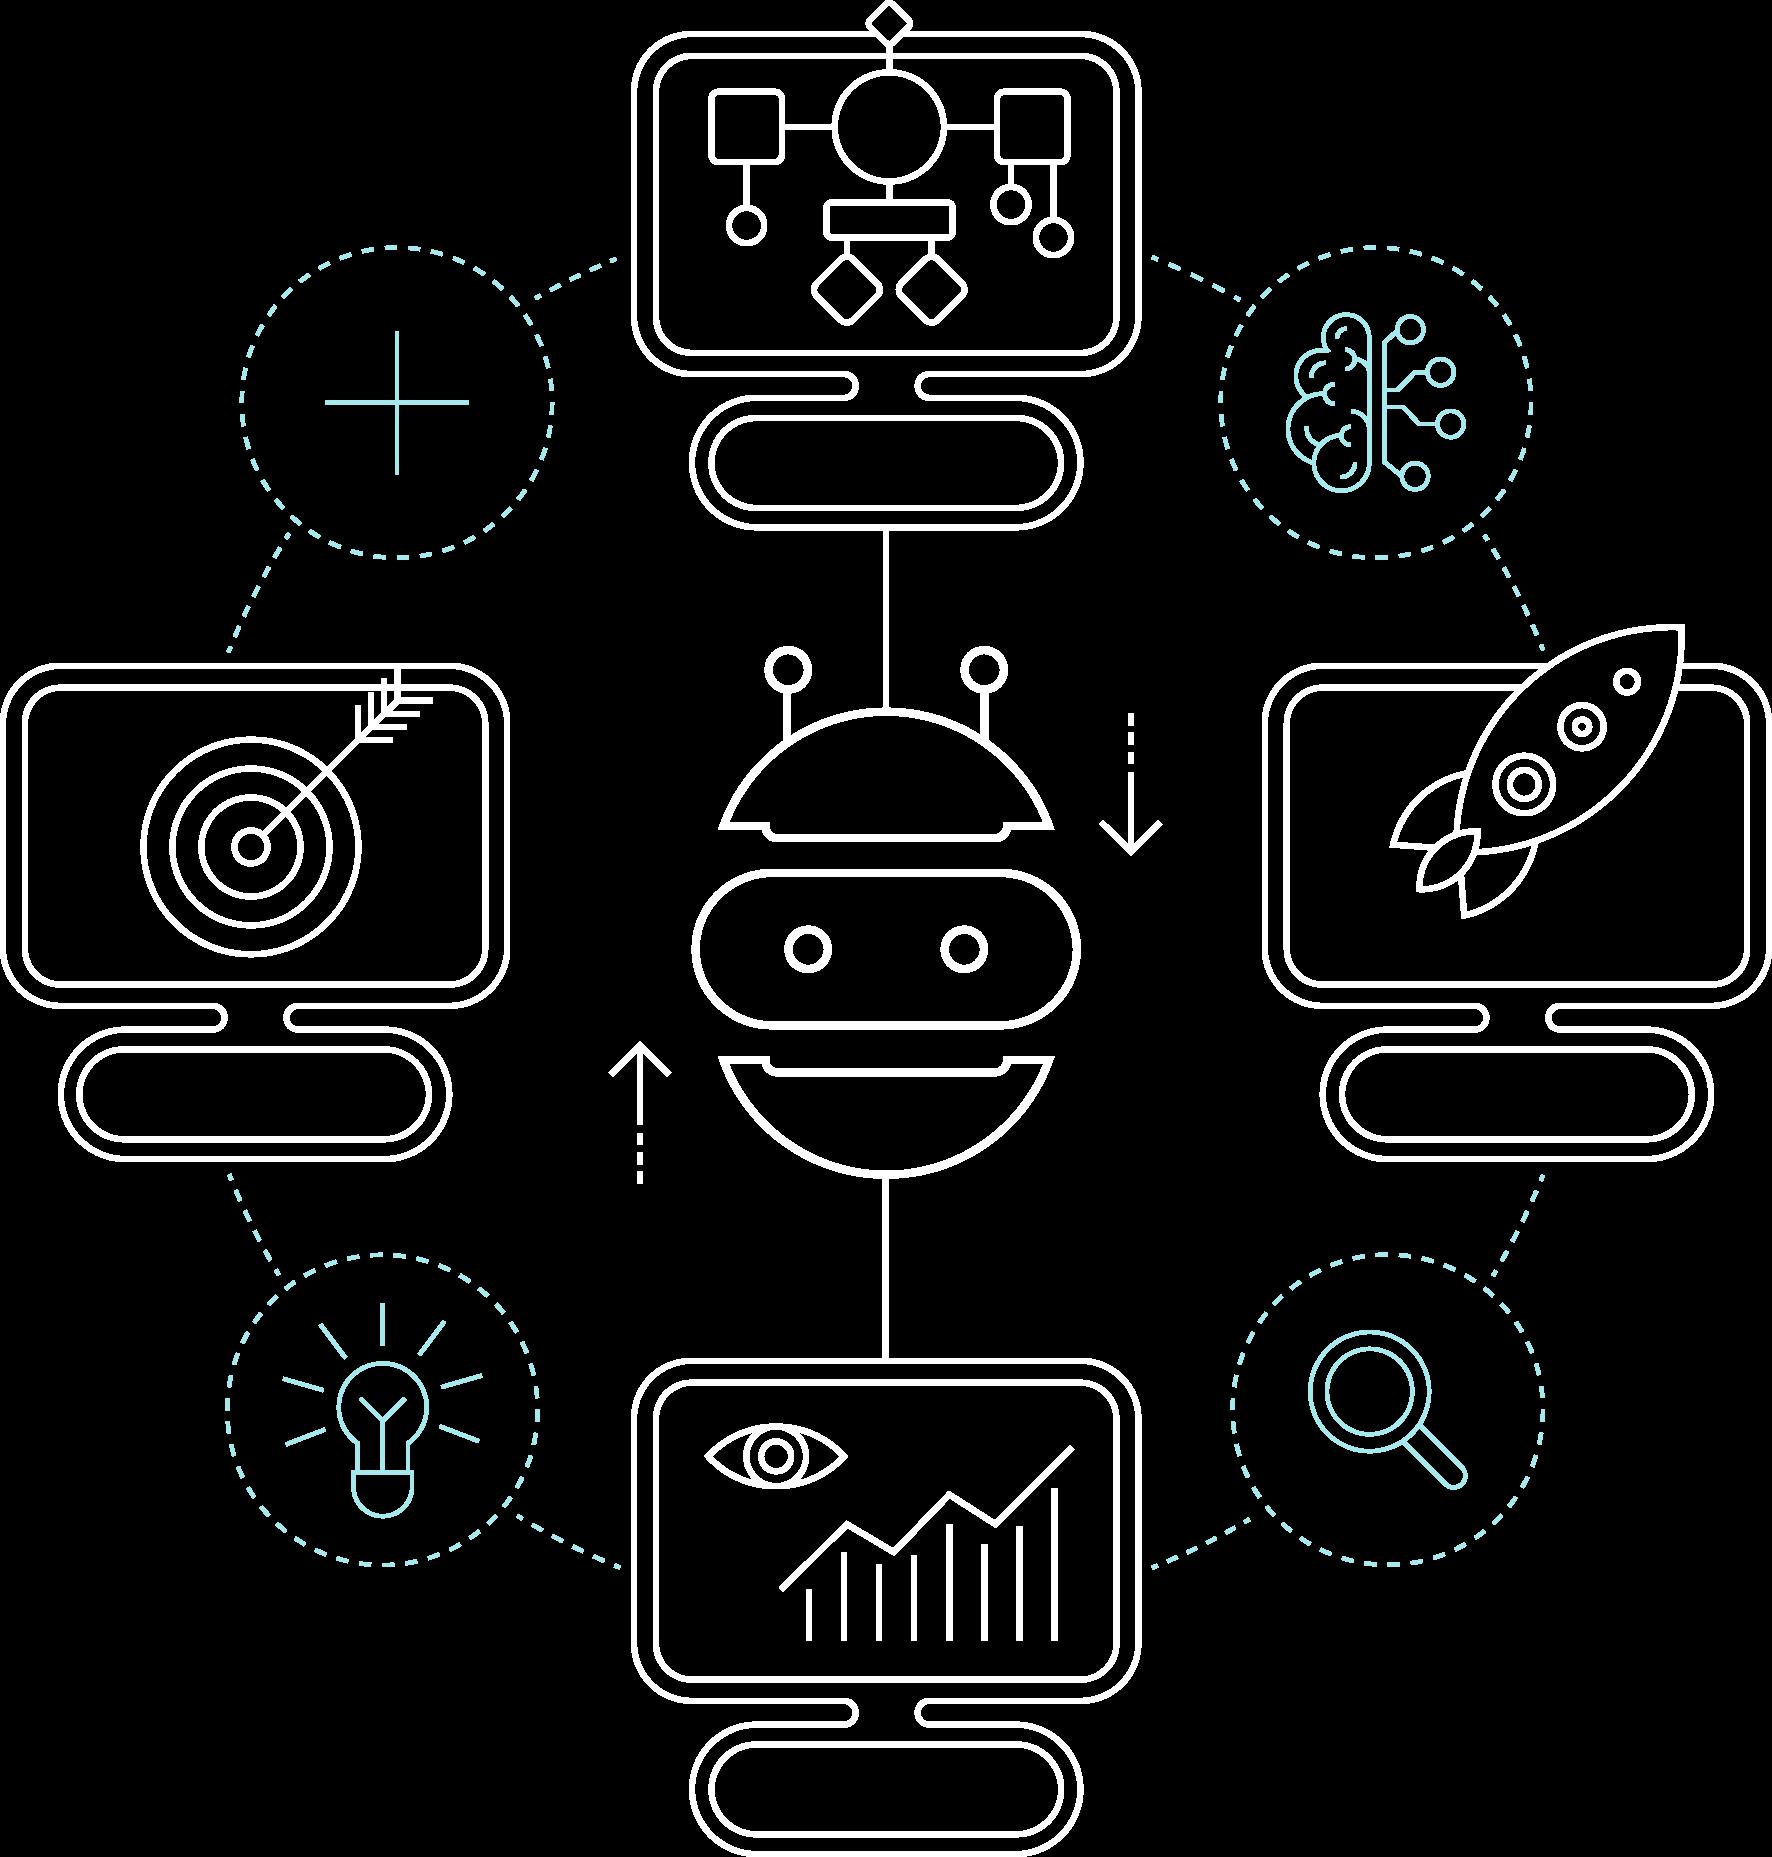 créer, déployer, évaluer, optimiser votre chatbot